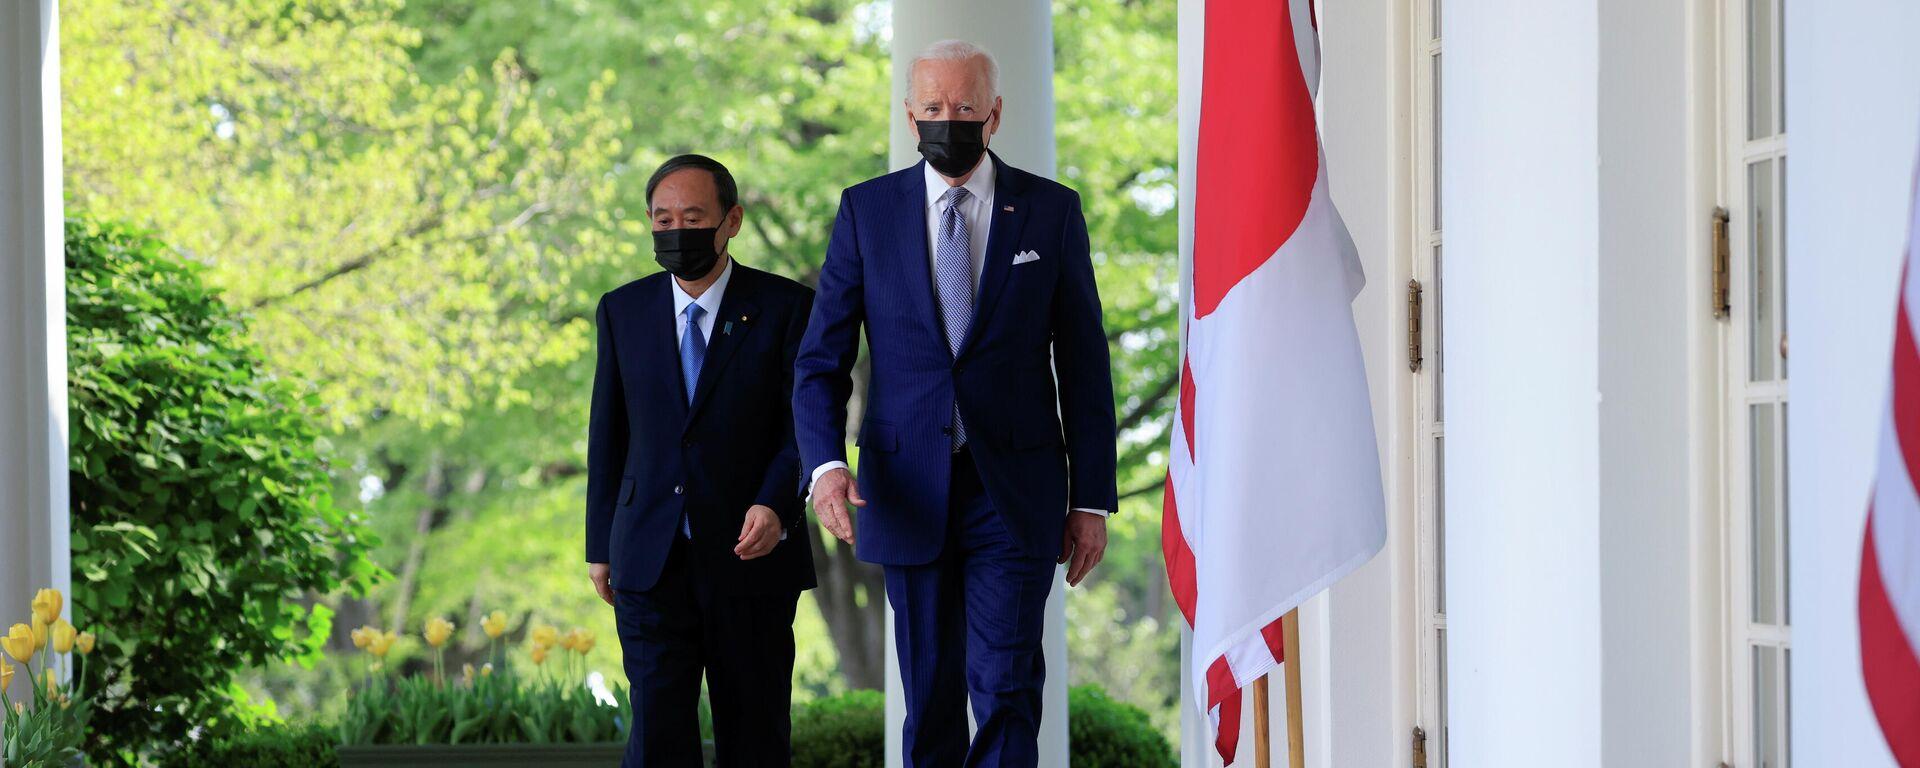 Ein Treffen von US-Präsident Joe Biden und dem japanischen Ministerpräsidenten Yoshihide Suga in Washington - SNA, 1920, 17.04.2021